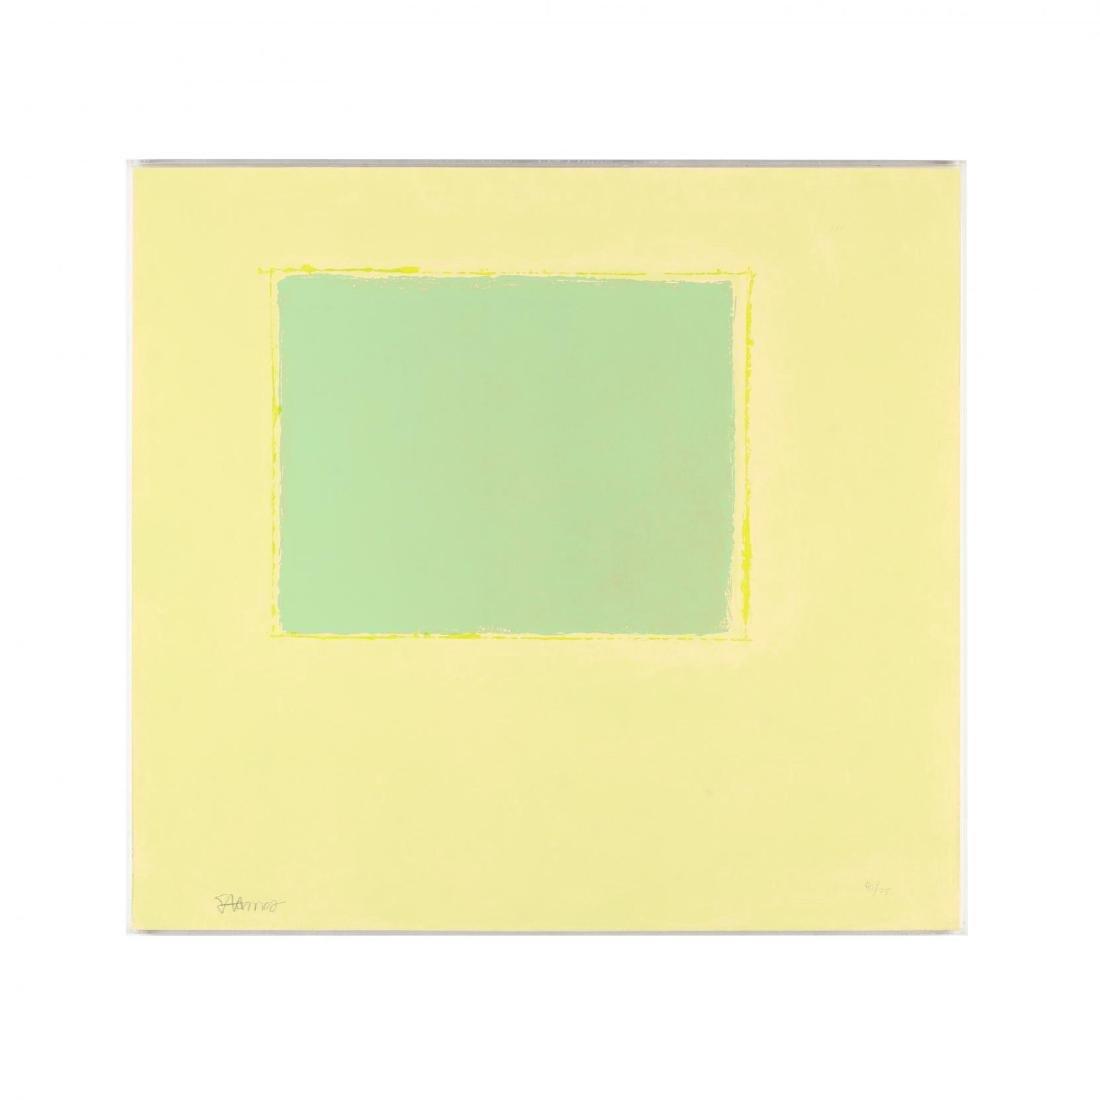 Theodoros Stamos (American/Greek, 1922-1997),  Green